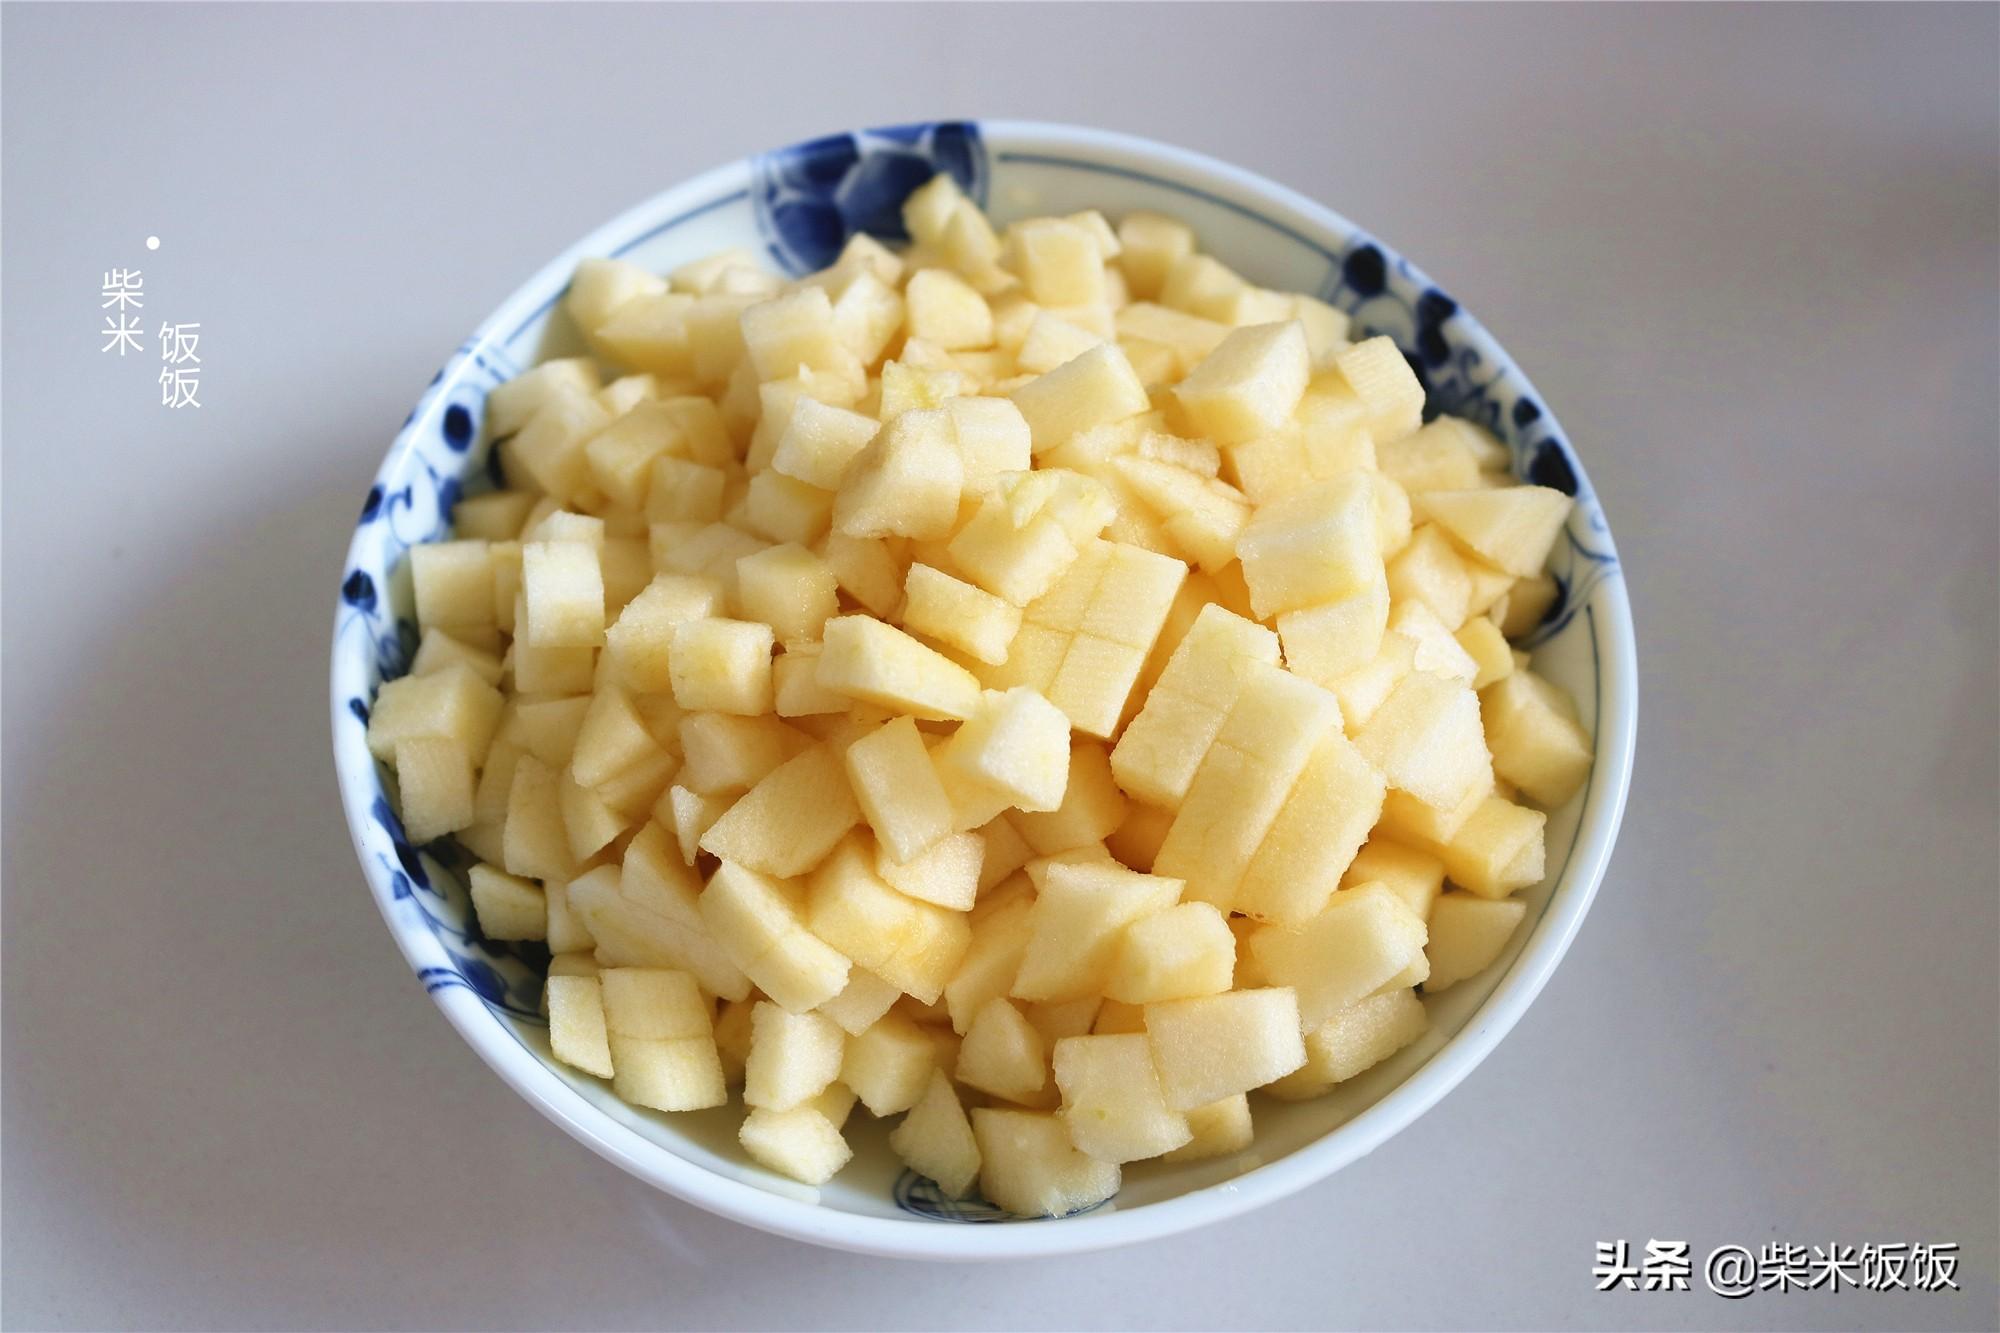 蘋果換一種吃法,兩口一個酥掉渣,孩子特別喜歡,太好吃了